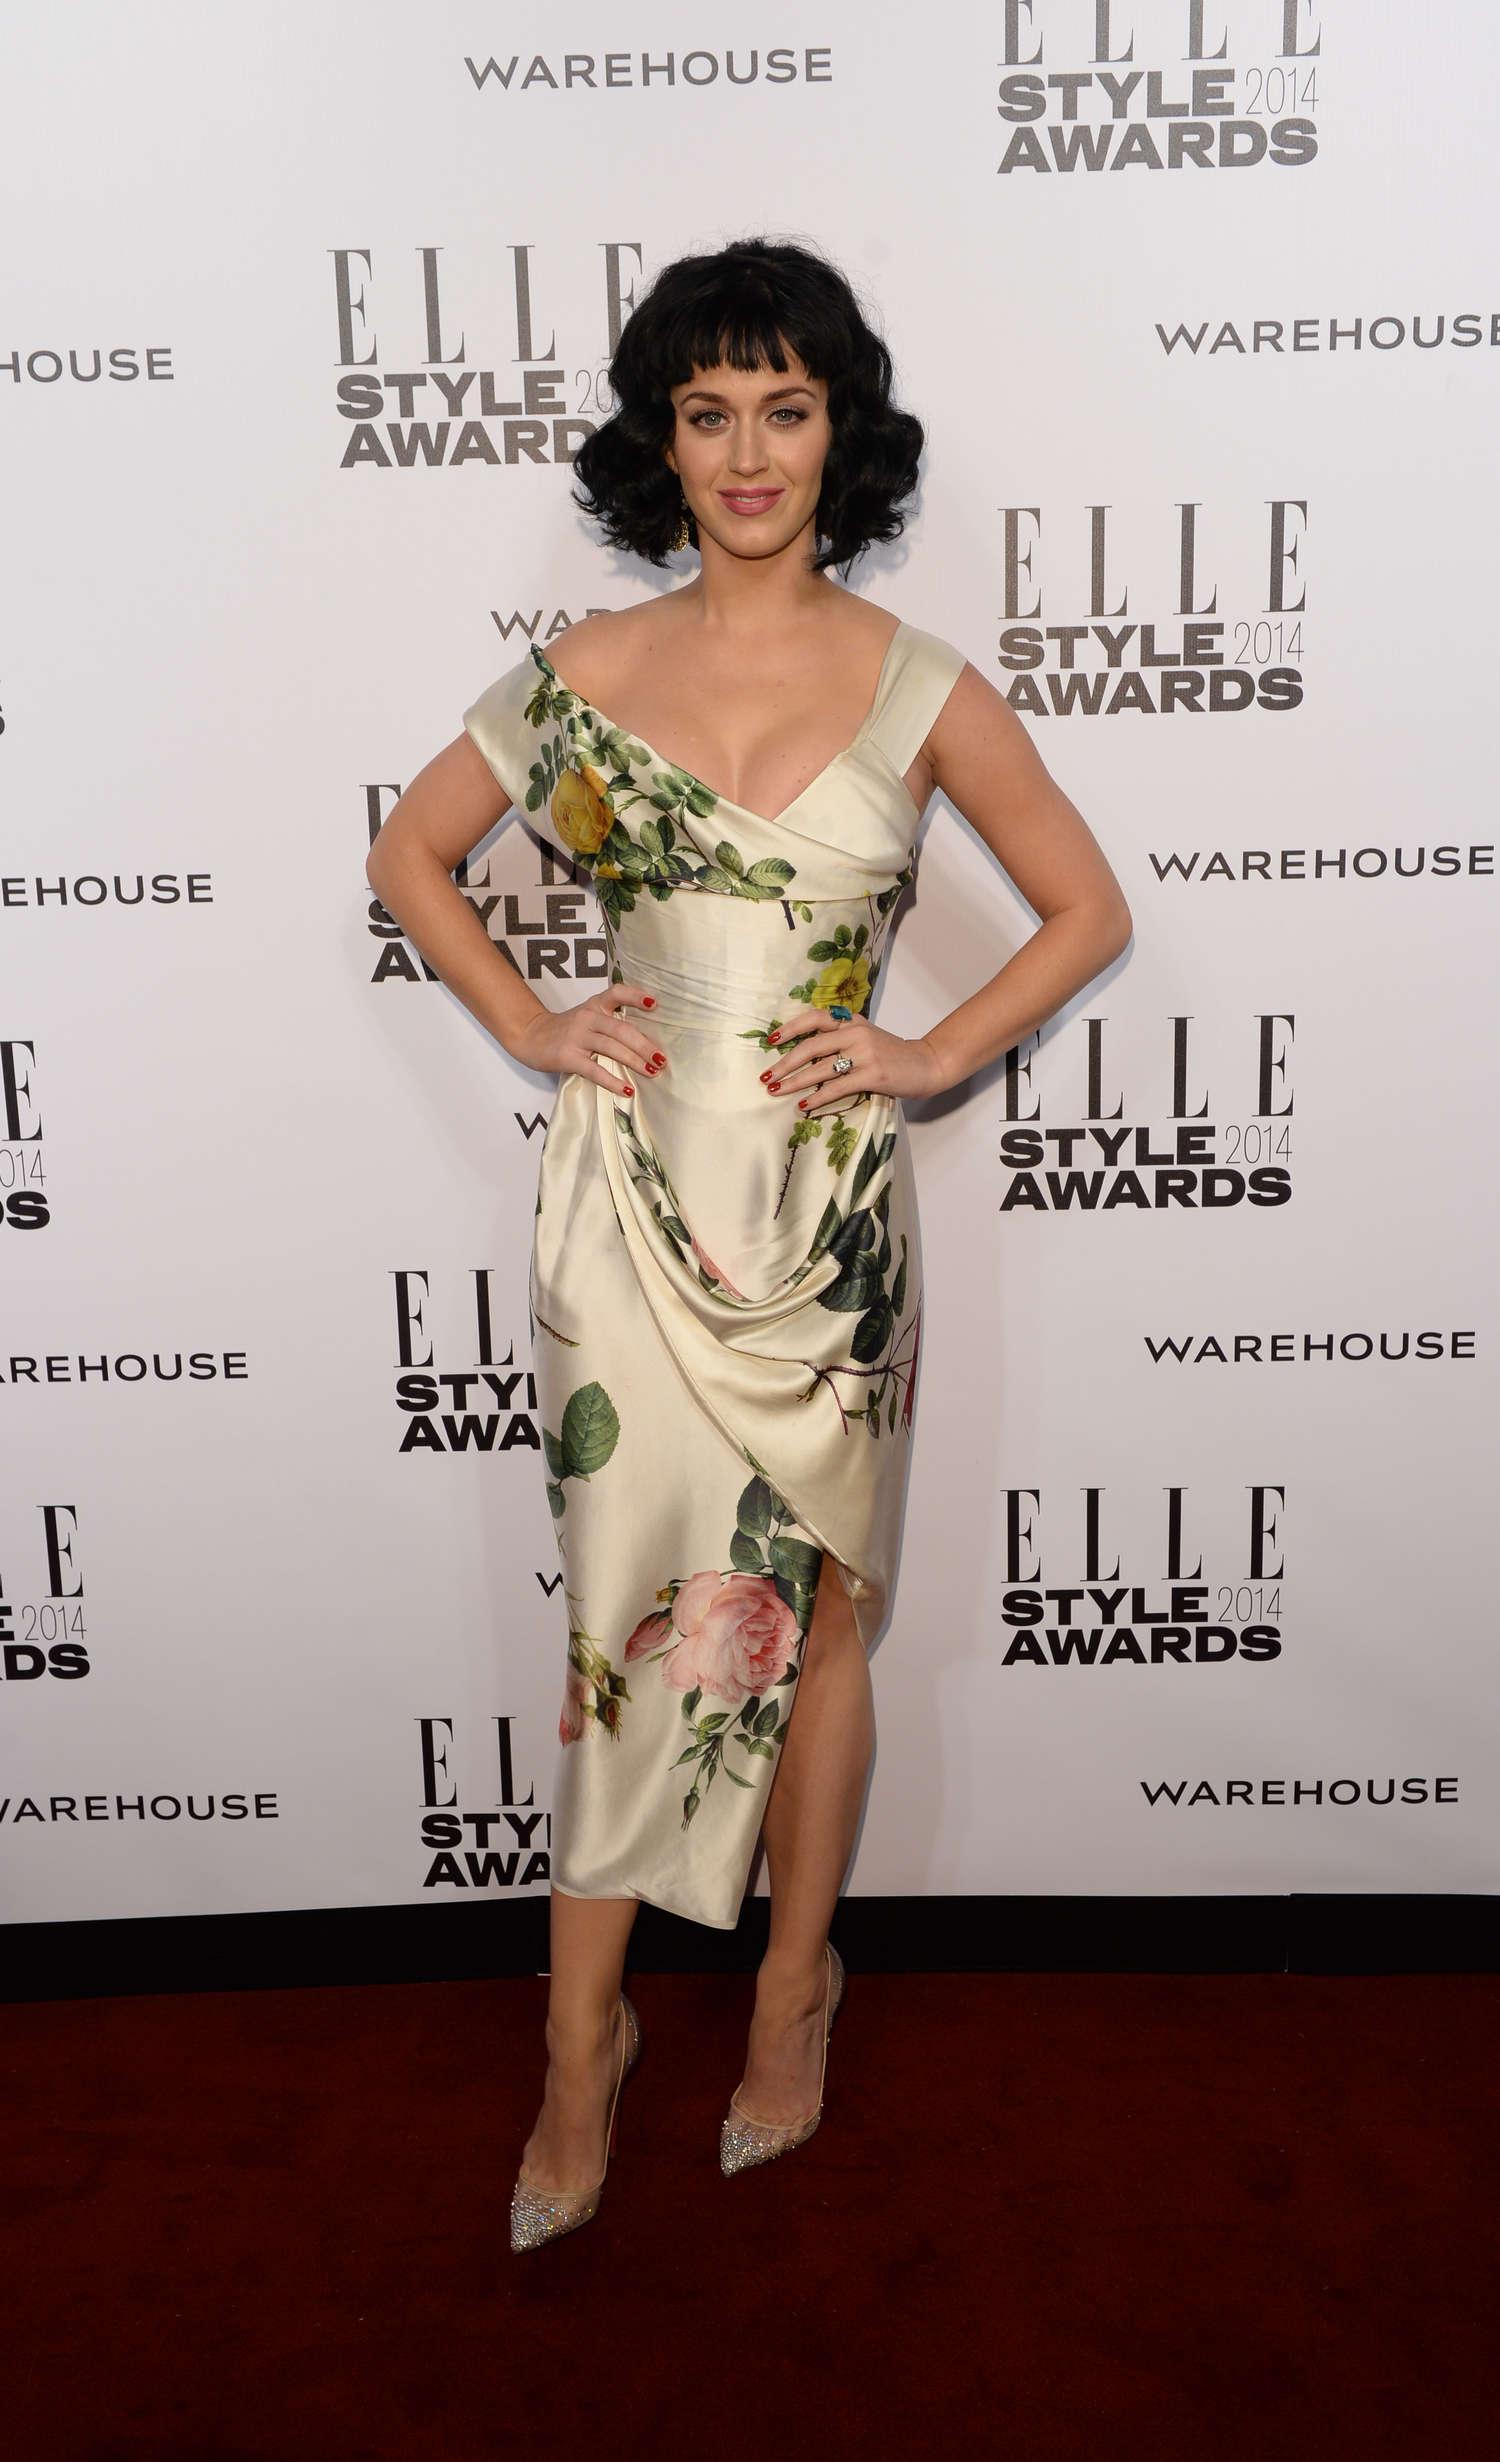 Katy Perry Elle Style Awards 2014 01 Gotceleb